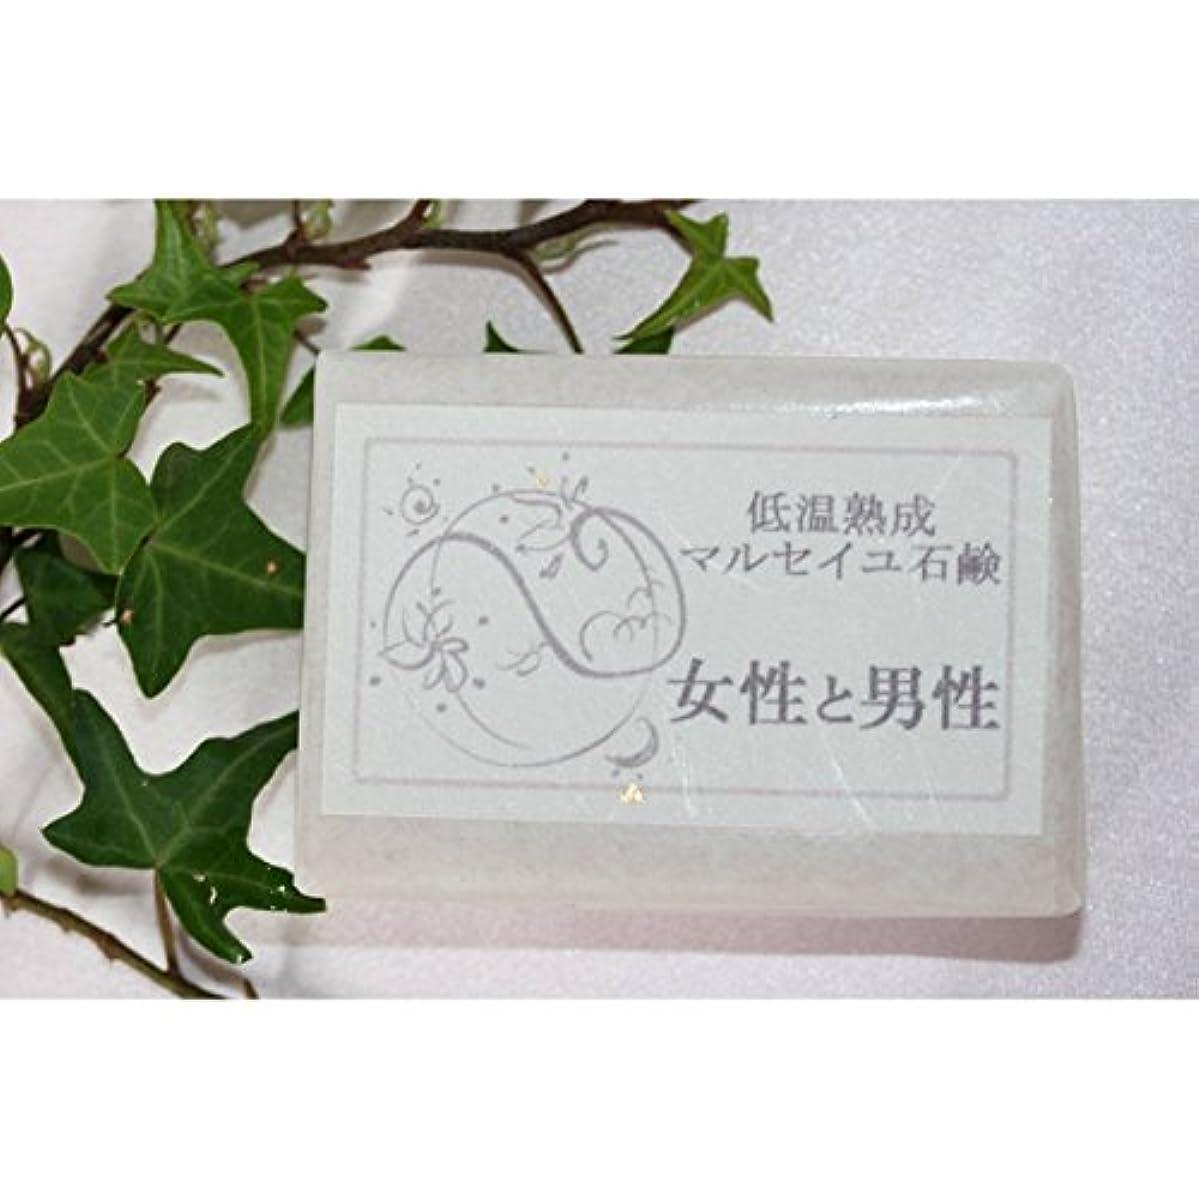 フォージ用心するシールドマウントフジ フラワーエッセンス 低温熟成 マルセイユ石鹸 女性と男性 (MTFUJI FLOWER ESSENCES)